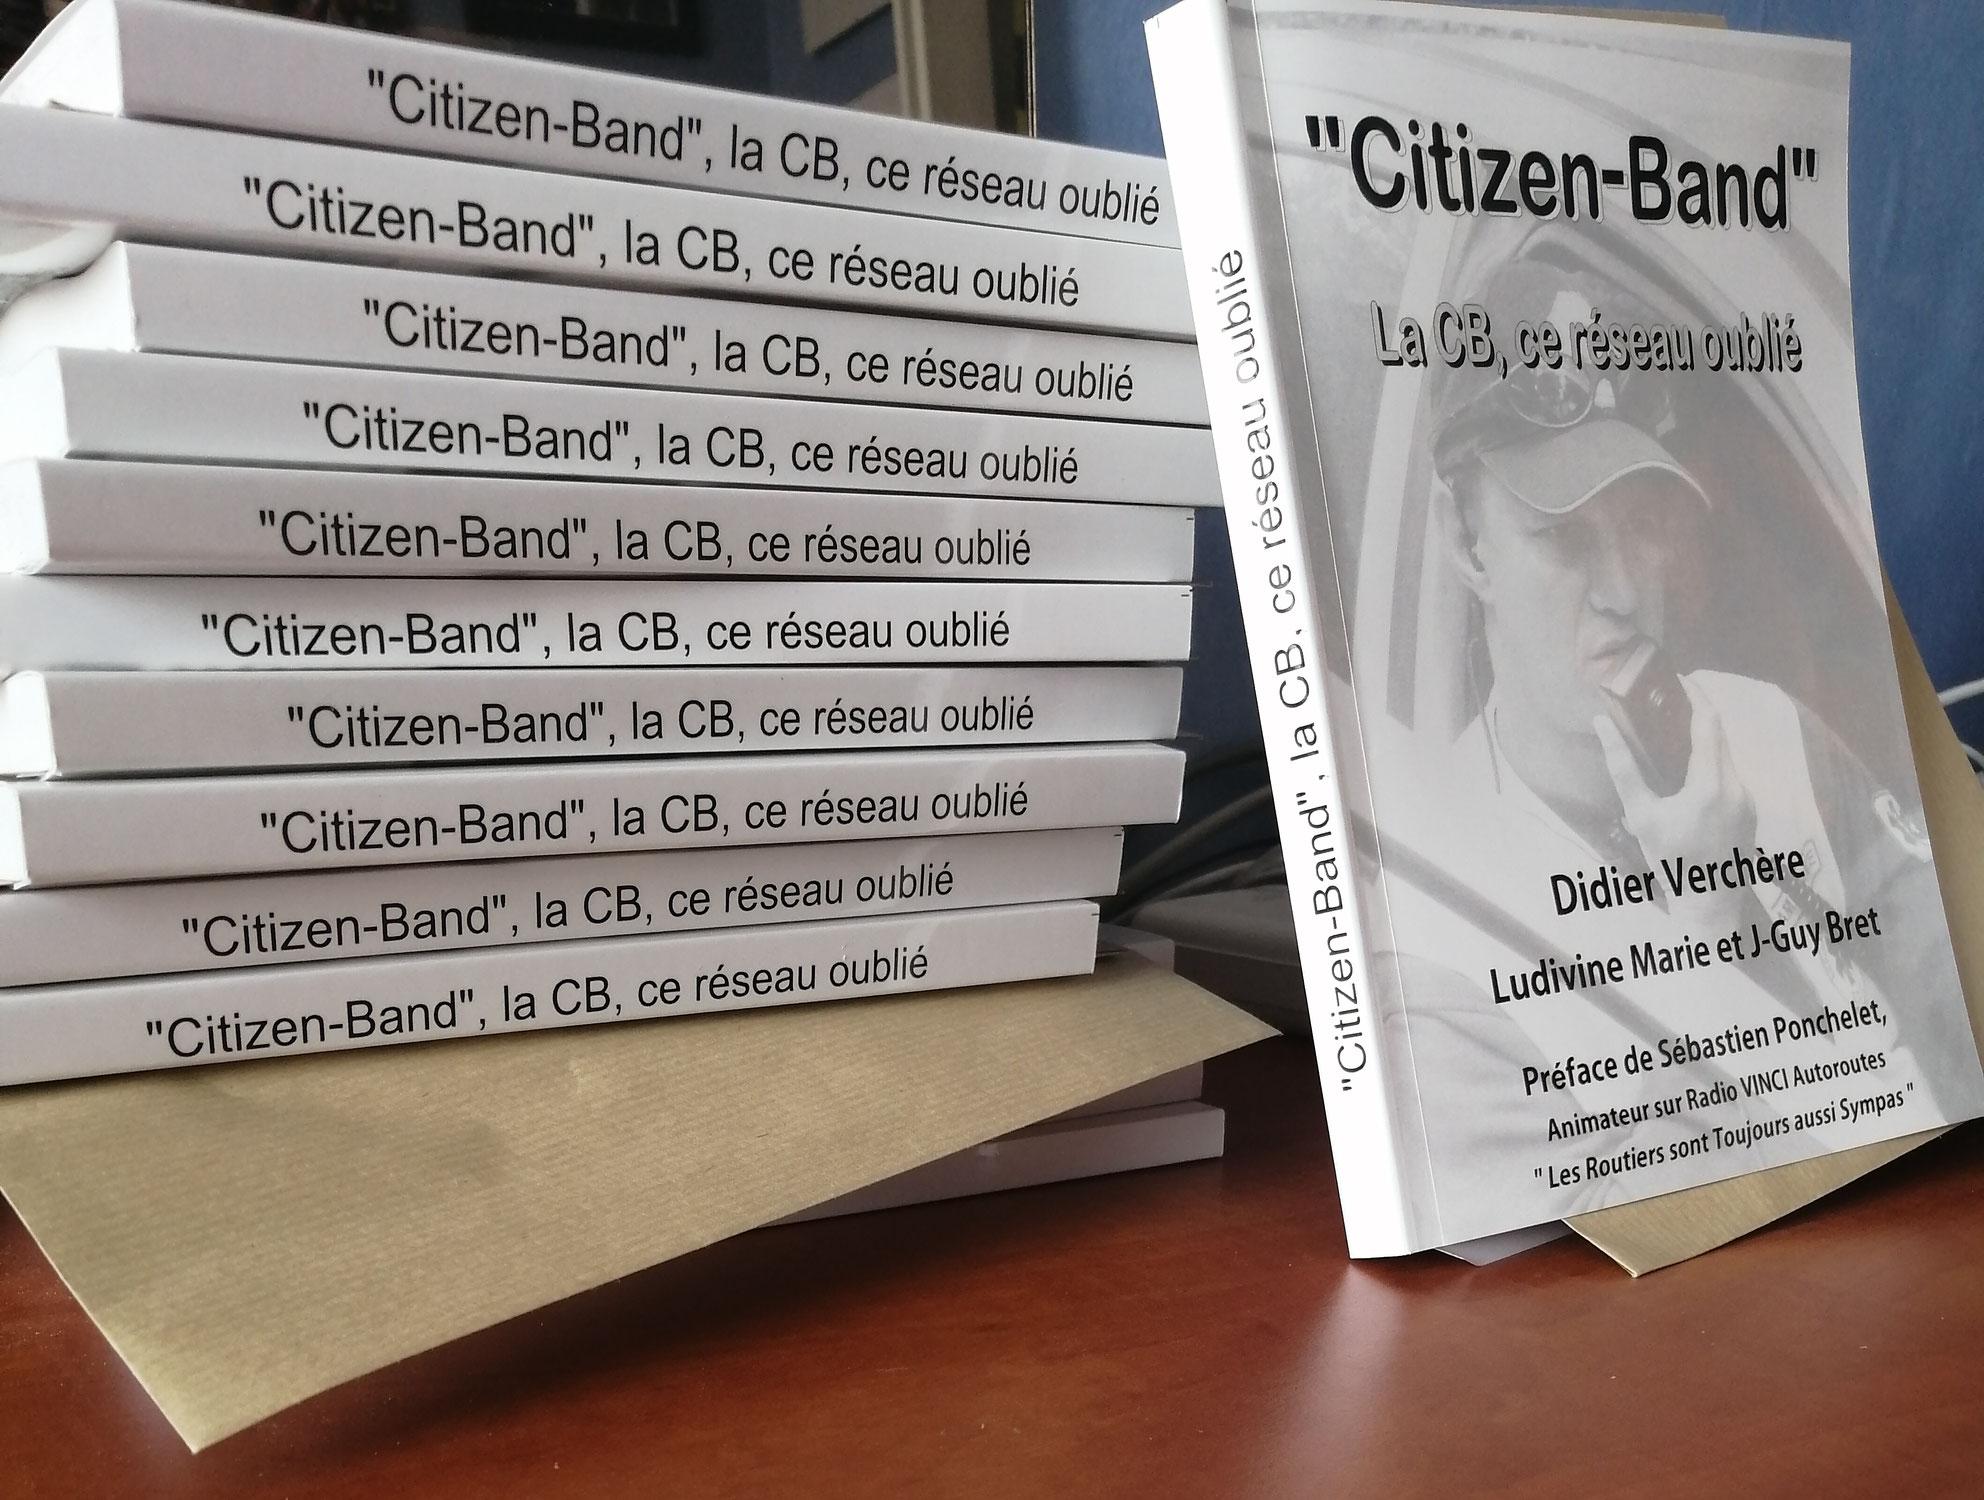 Citizen Band, la CB ce réseau oublié